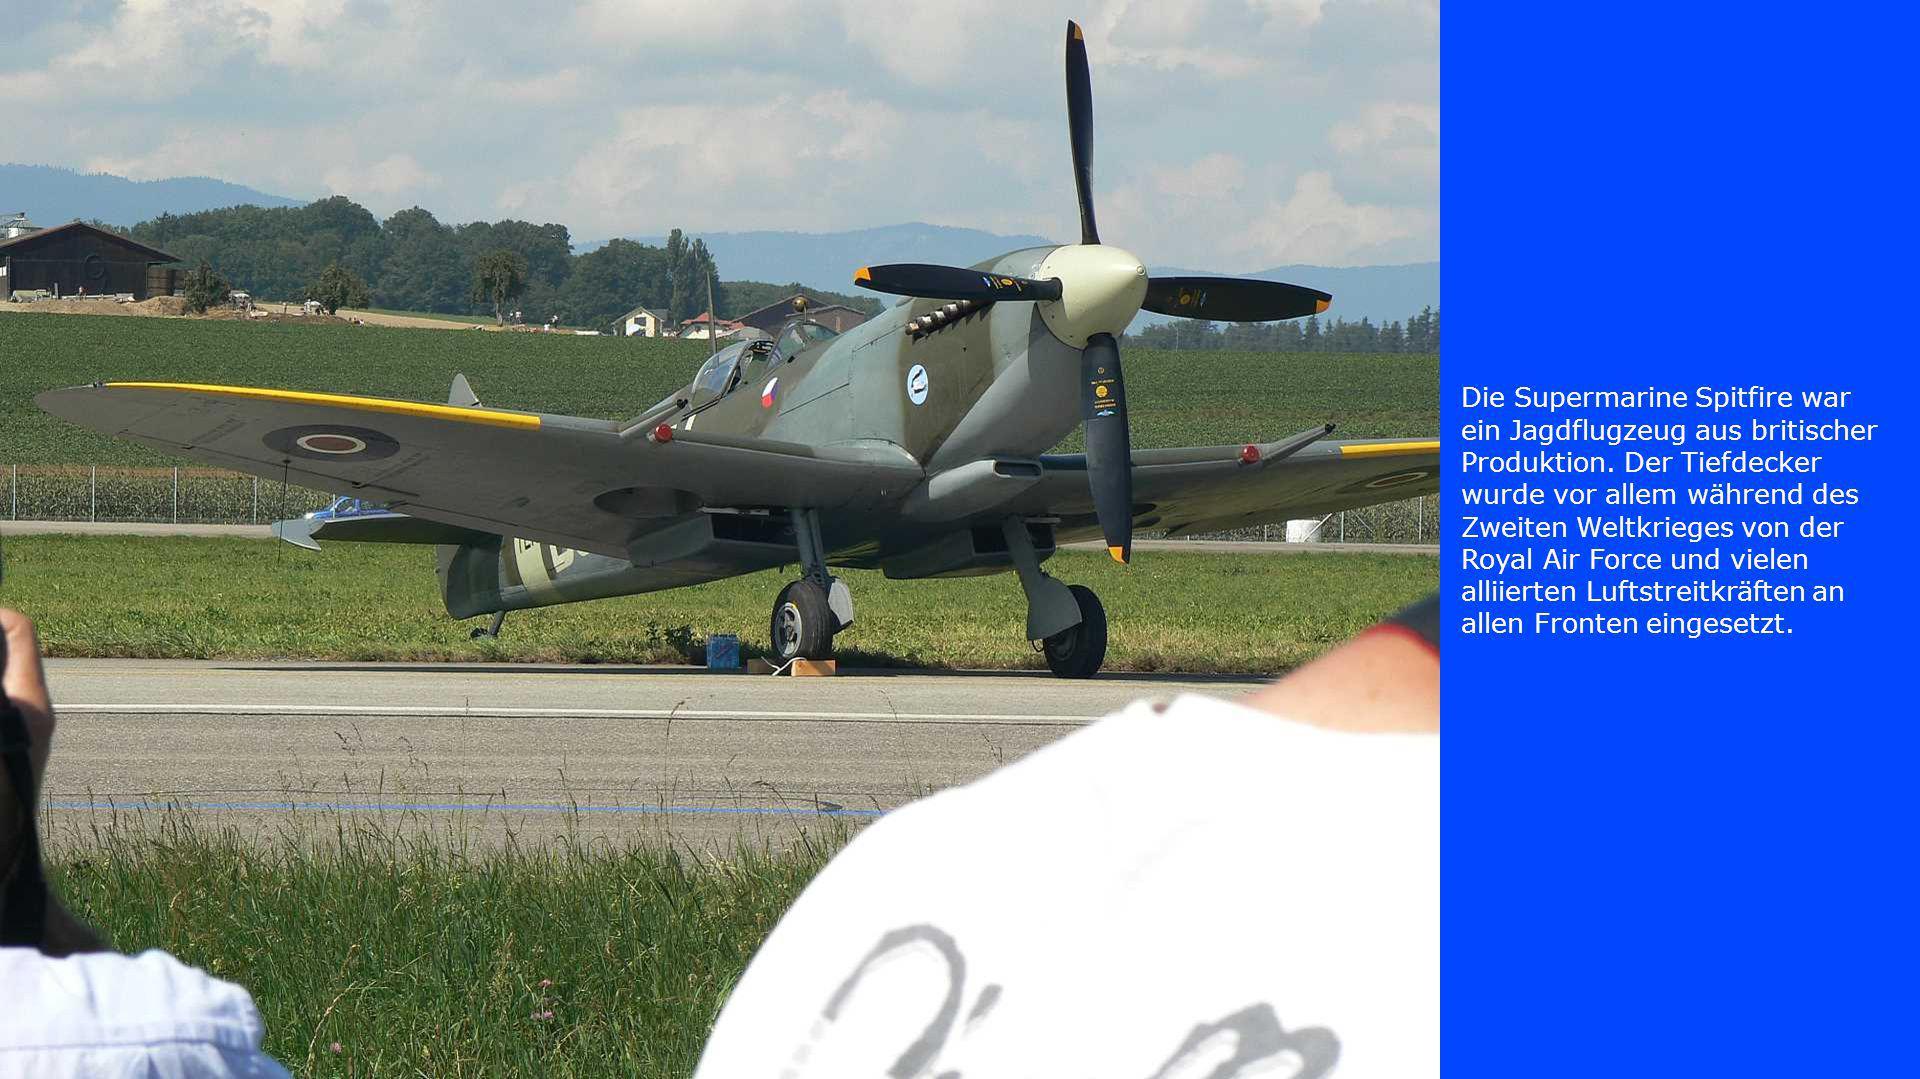 Die Supermarine Spitfire war ein Jagdflugzeug aus britischer Produktion.